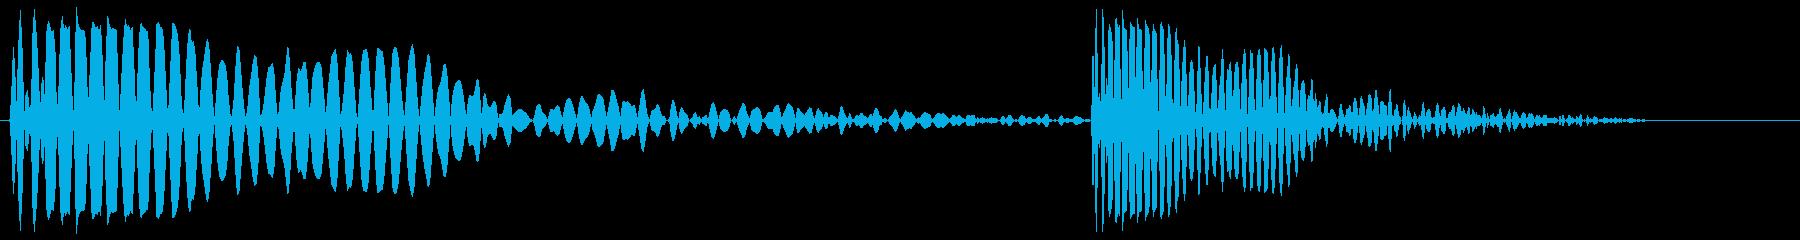 ポカッ(キャッチーな攻撃音)の再生済みの波形